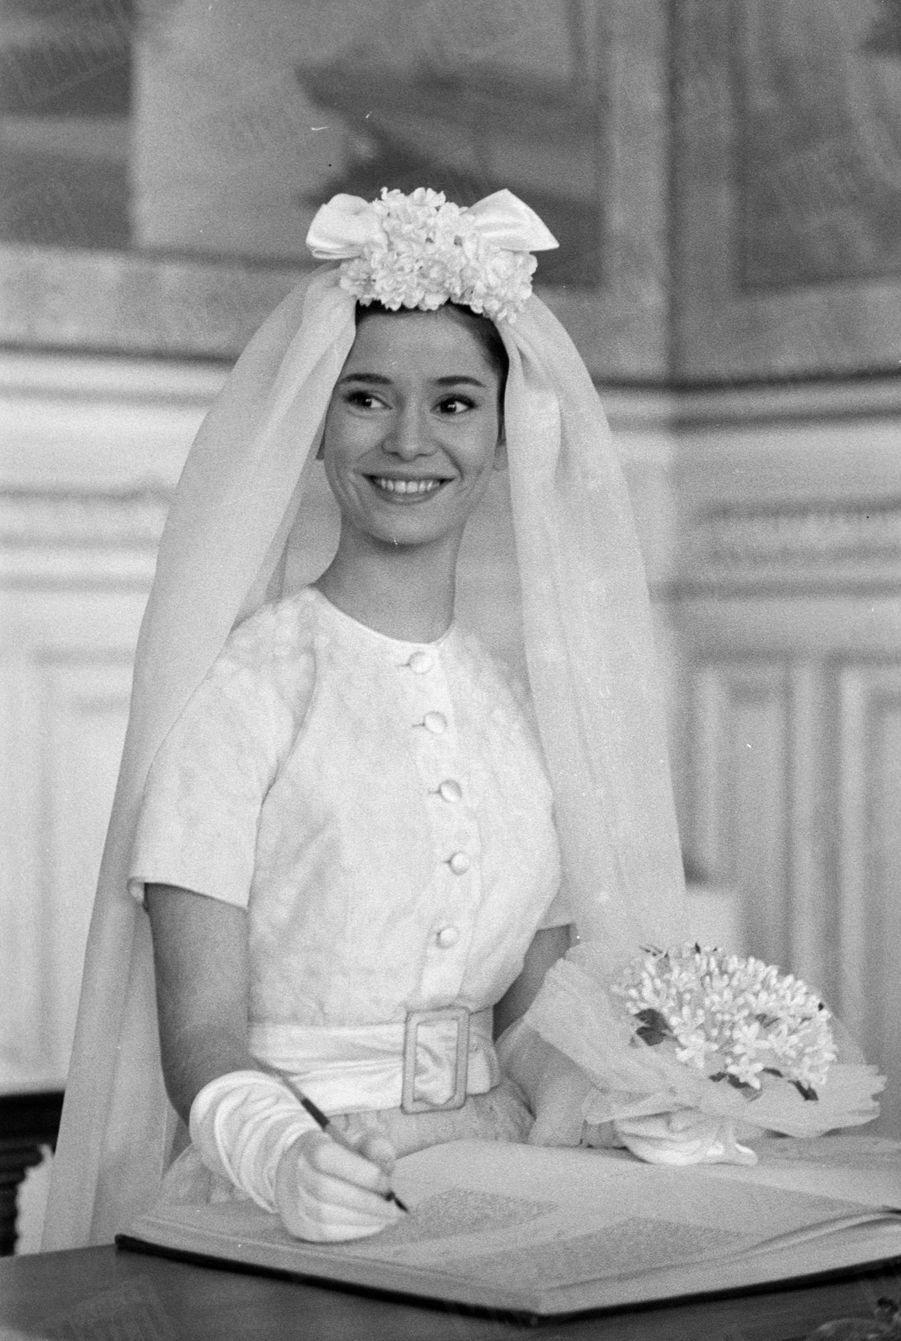 Marie-José Nat sur le tournage du sketch réalisé par René Clair pour le film «La Française et l'Amour», en avril 1960.